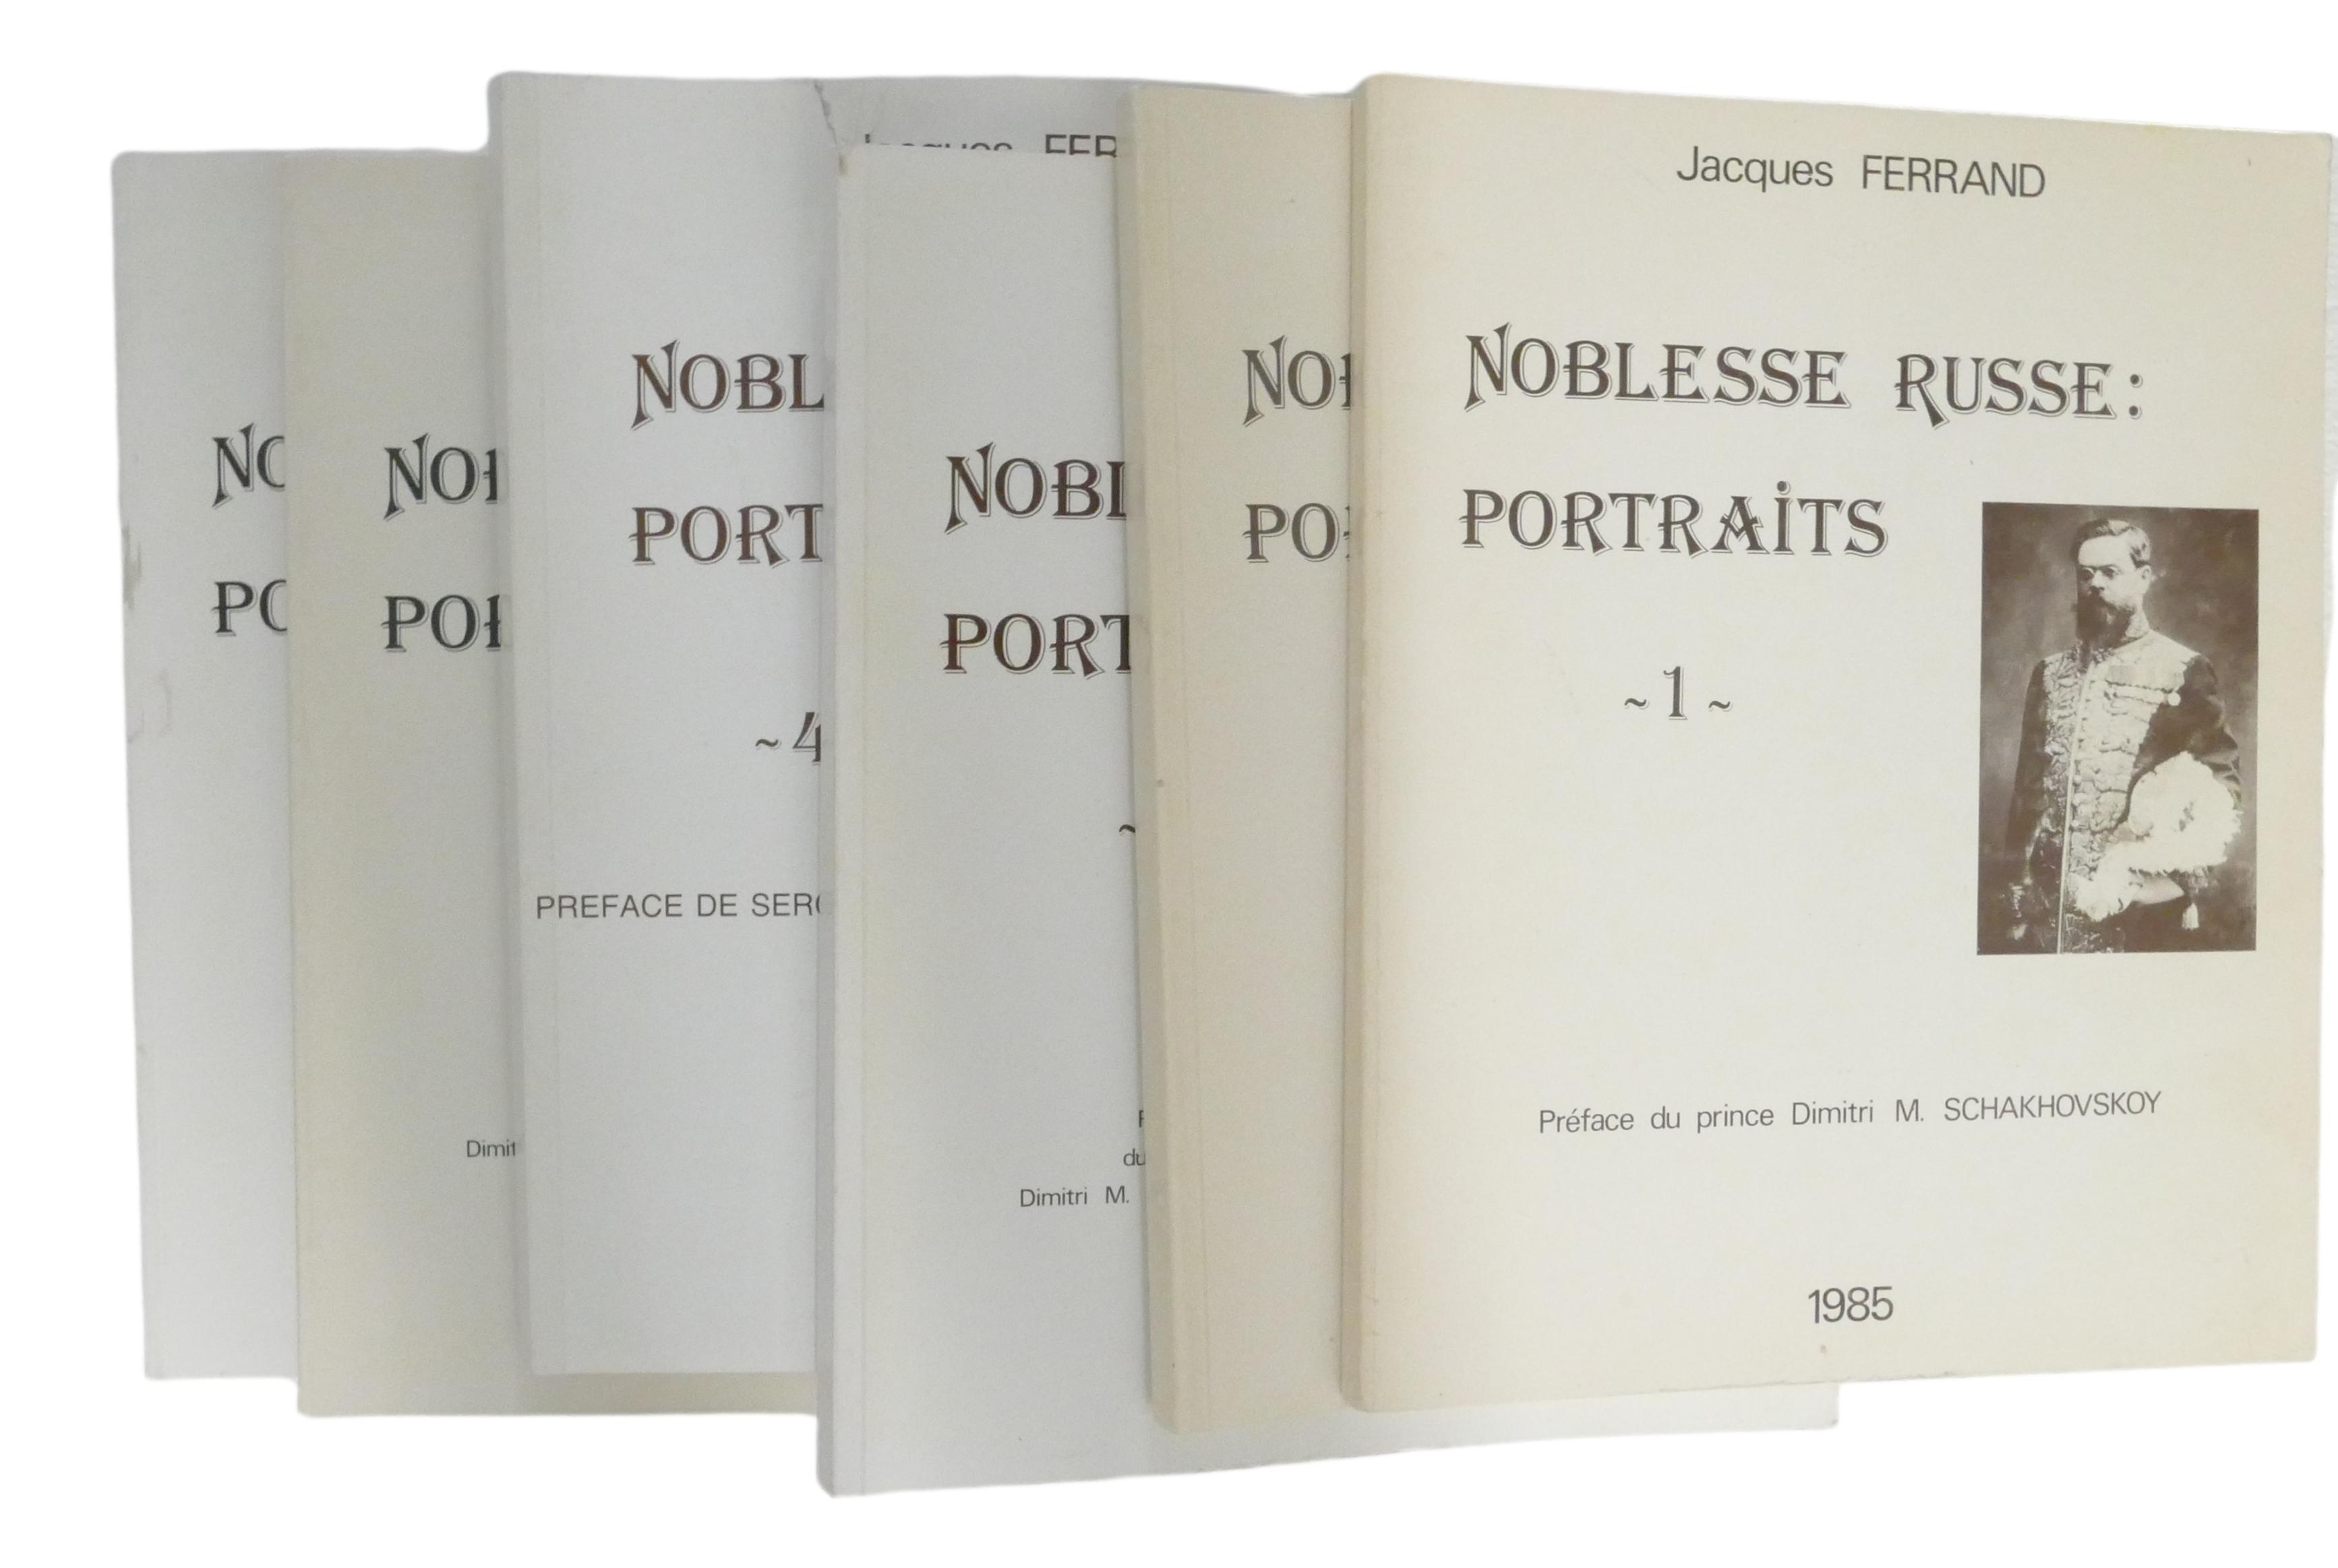 JACQUES FERRAND (1943-2007) Noblesse russe: Portraits Préf. du prince Dimitri M. Schakhovskoy et - Image 2 of 12